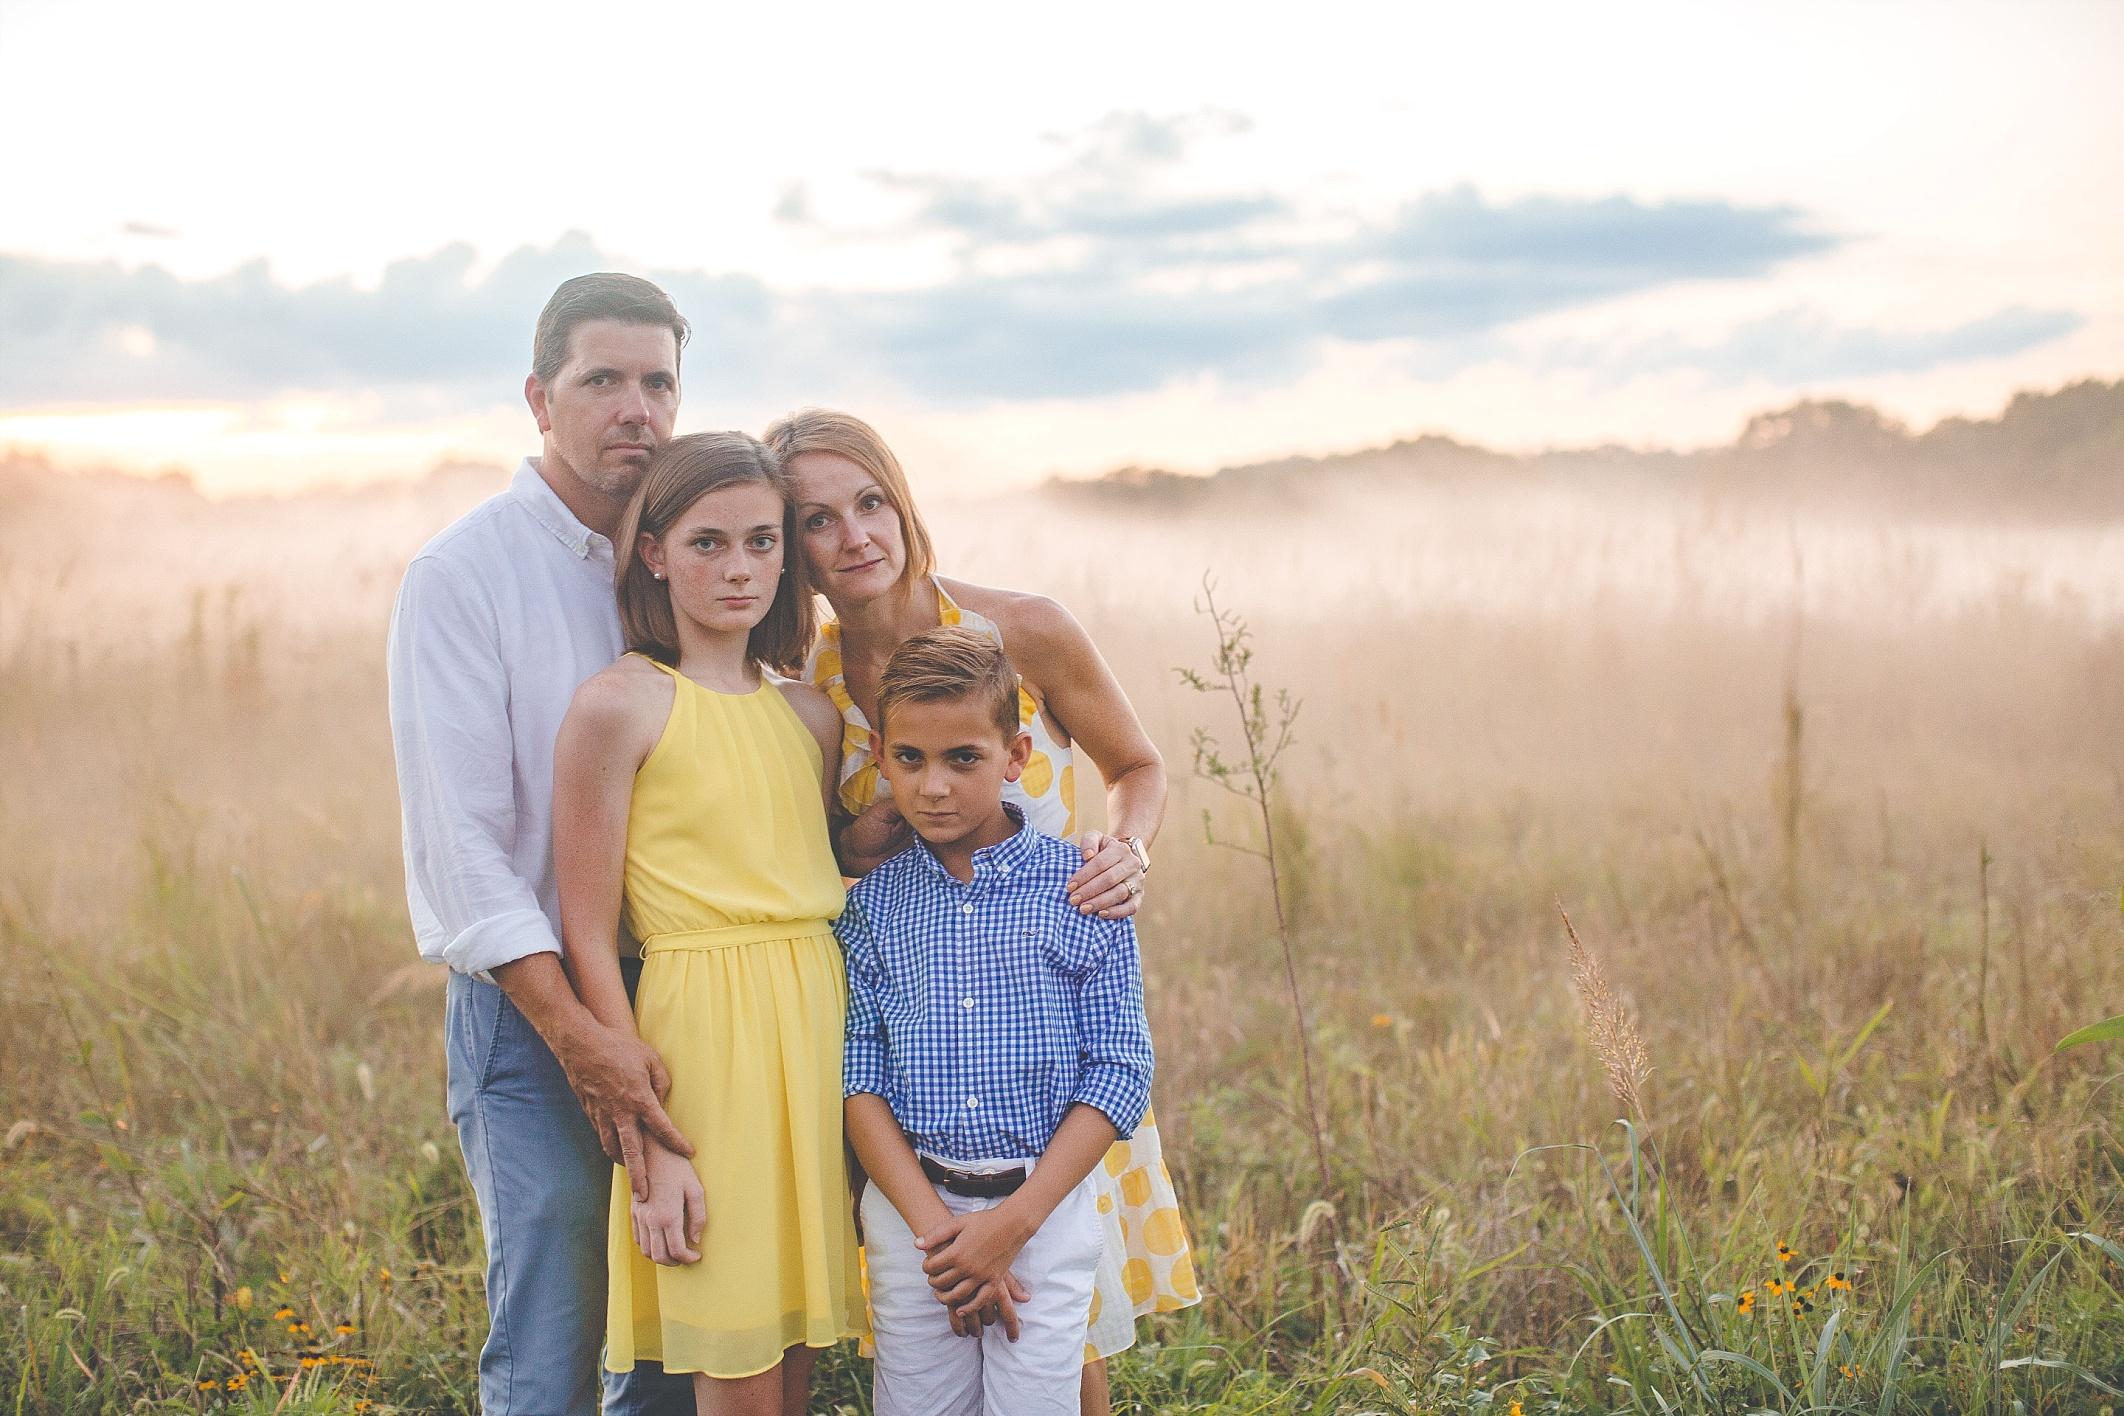 cincinnati-dayton-family-photographer-ohio_0089.jpg